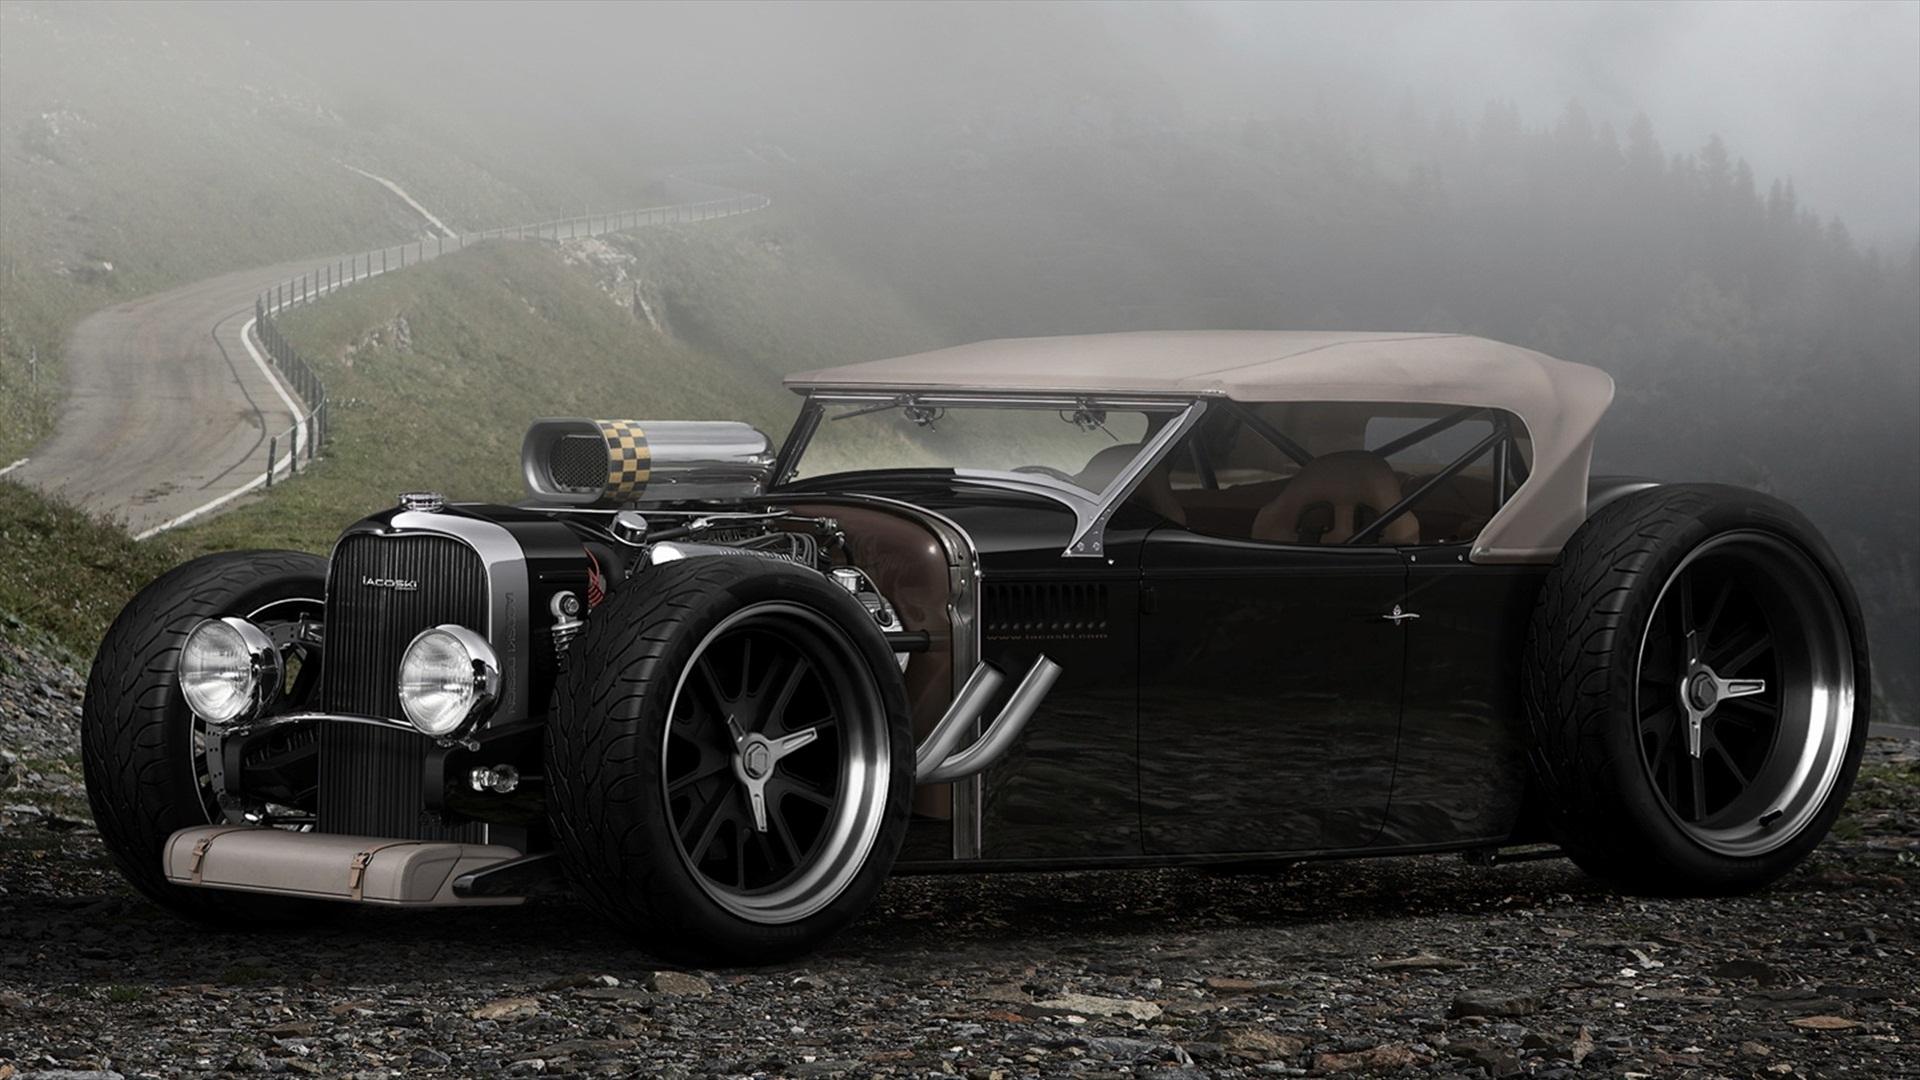 Lincoln Continental Concept Wallpaper Car Wallpaper Hd